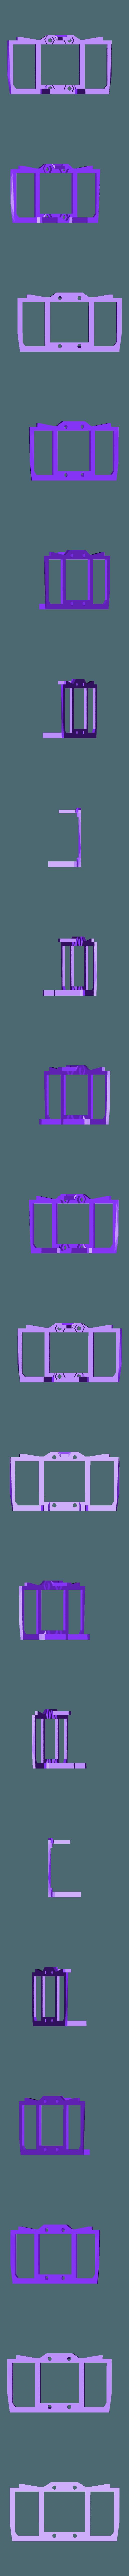 ServoTray_Front.STL Télécharger fichier STL gratuit UAV/FPV Avion imprimé 3D (drone) • Objet imprimable en 3D, poodyfaisal